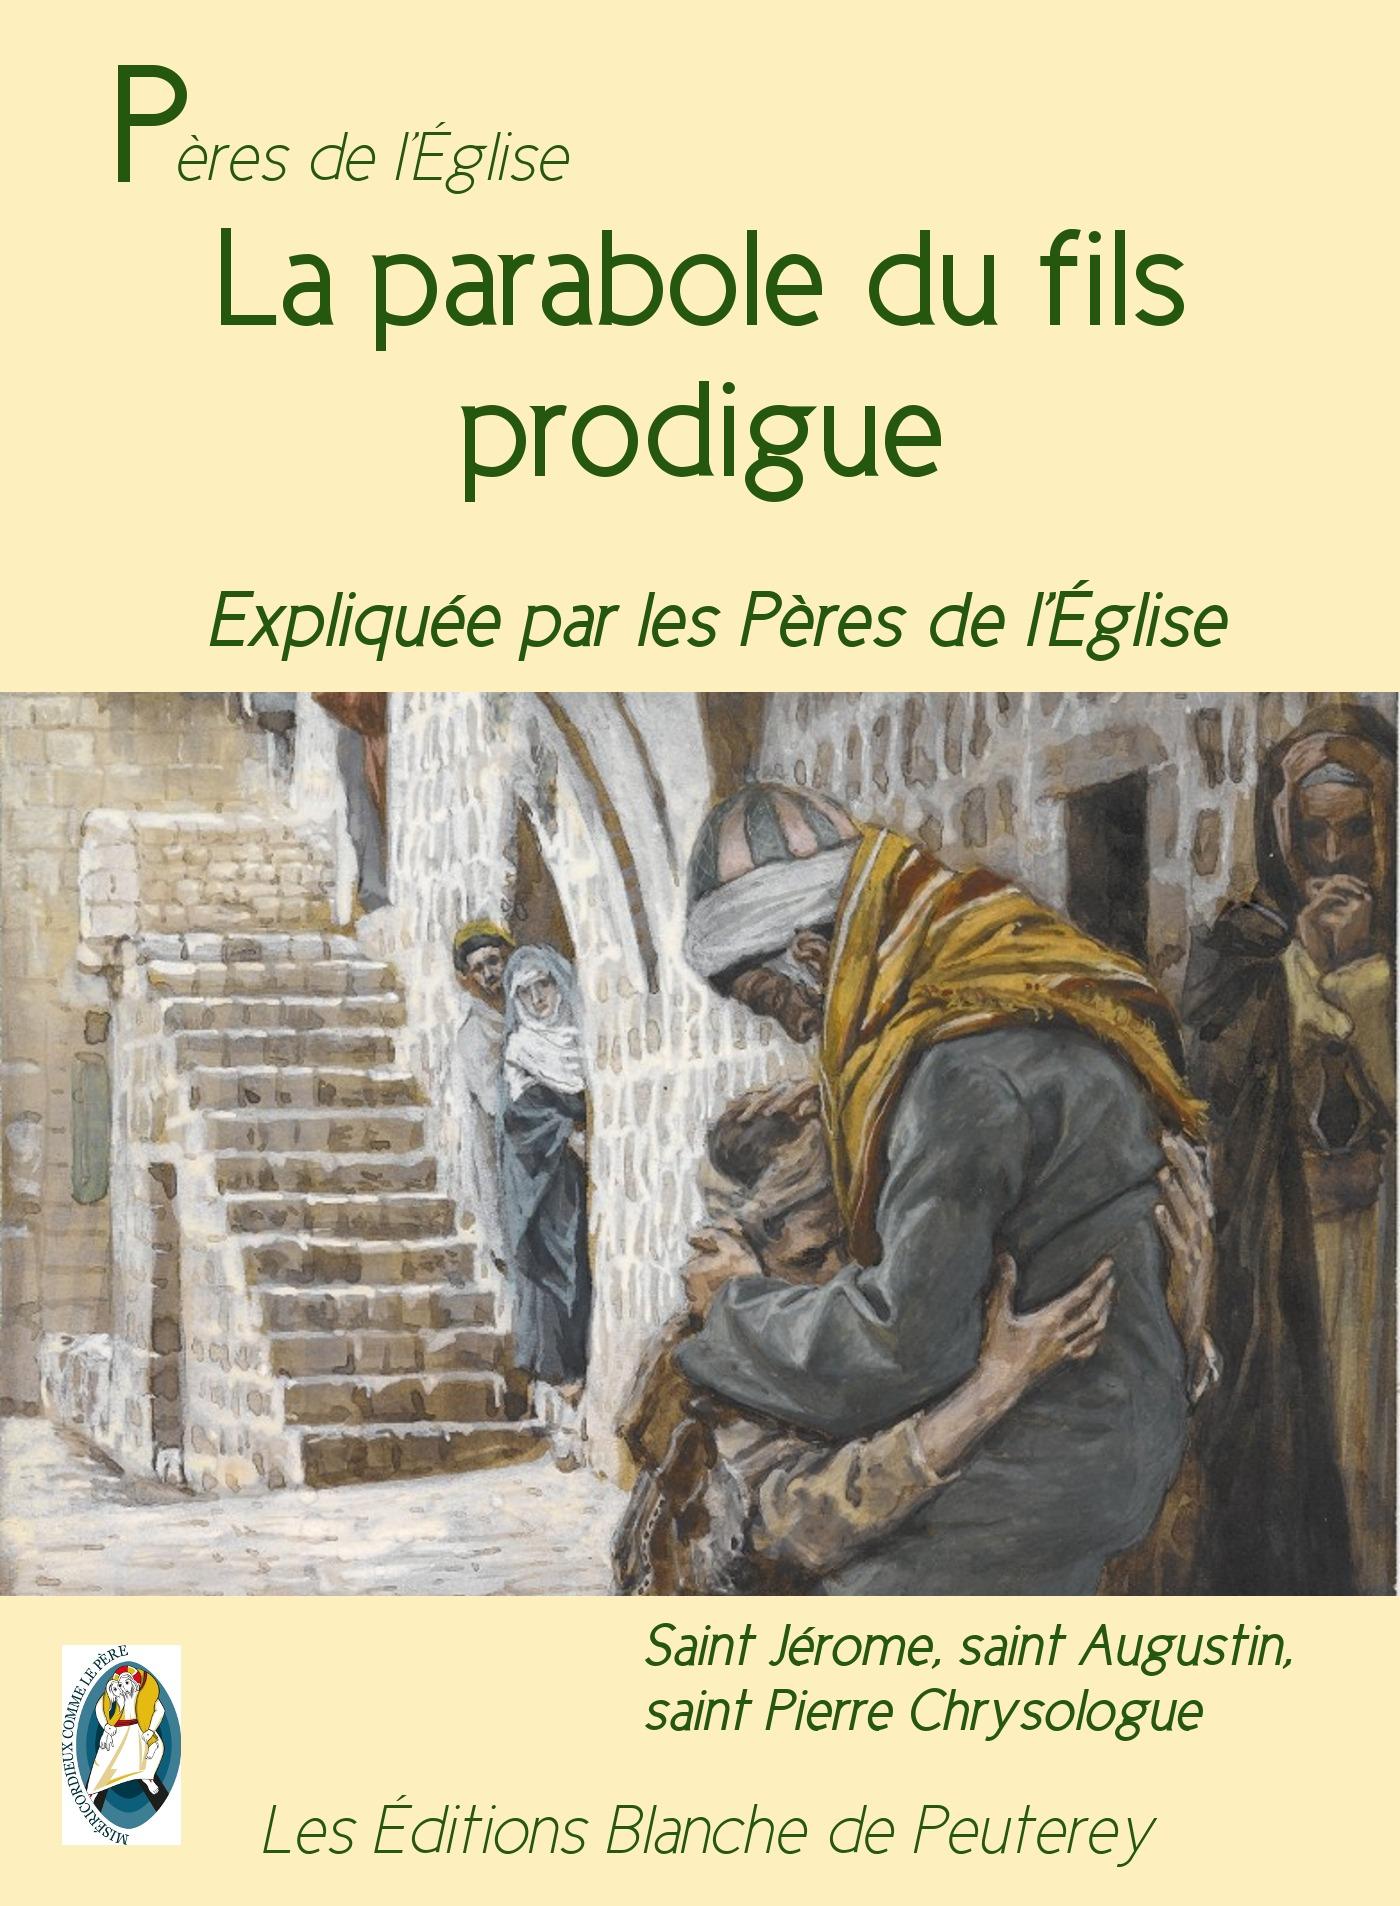 La parabole du fils prodigue, EXPLIQUÉE PAR LES PÈRES DE L'EGLISE